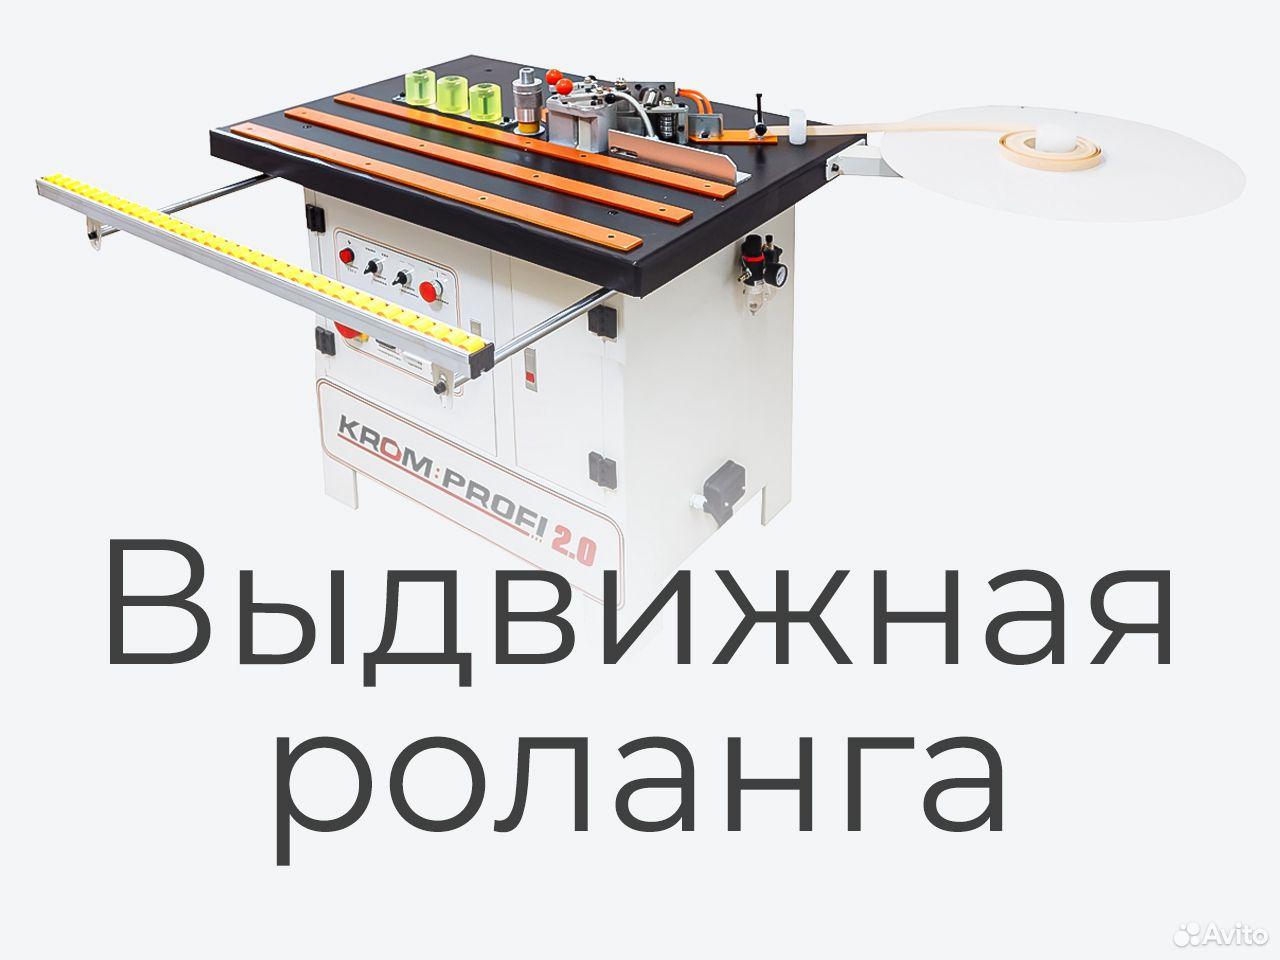 Кромкооблицовочный станок Krom Profi. Гарантия  88005005920 купить 3